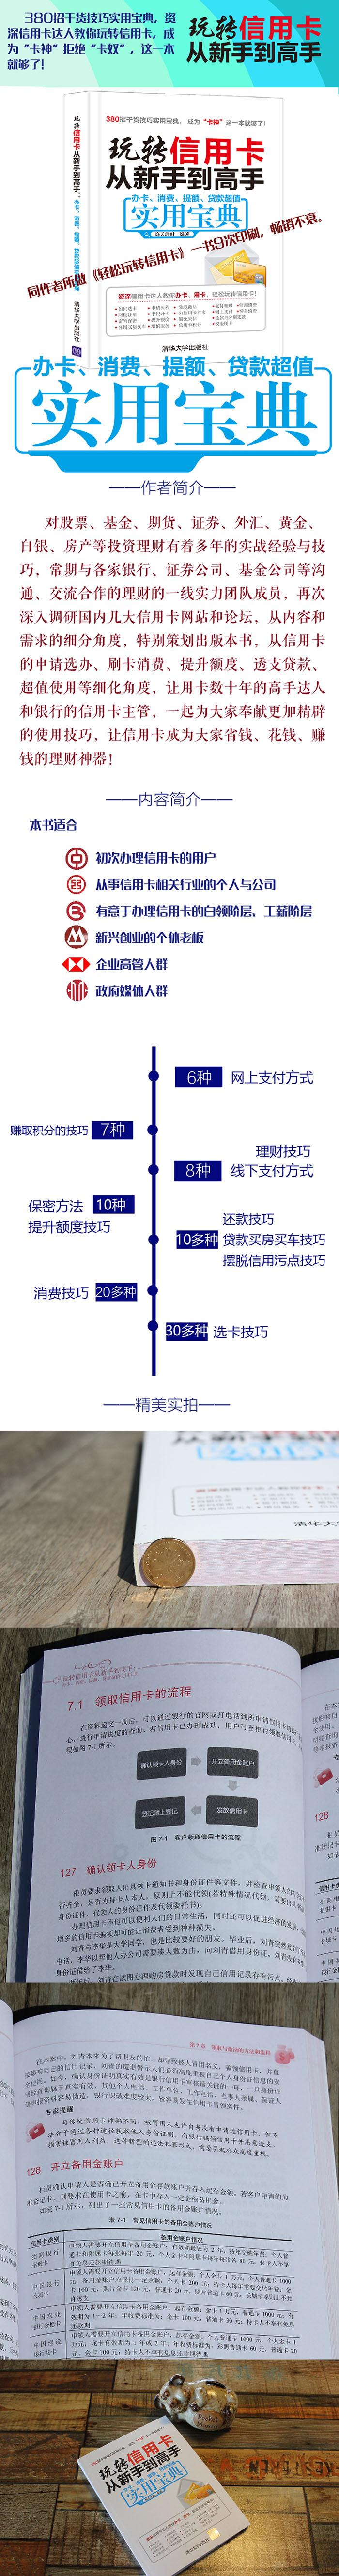 北京时间2013年5月9日,澳门新葡京开出了自开幕以来的最高金额至累进大奖。获得大奖的是来自上海的张先生。张先生是4月30日的时候在新葡京娱乐场玩加勒比联奖.葡京娱乐城下载_*欢迎访问*>葡京娱乐城下载>*官方网站唯一网址**>>.